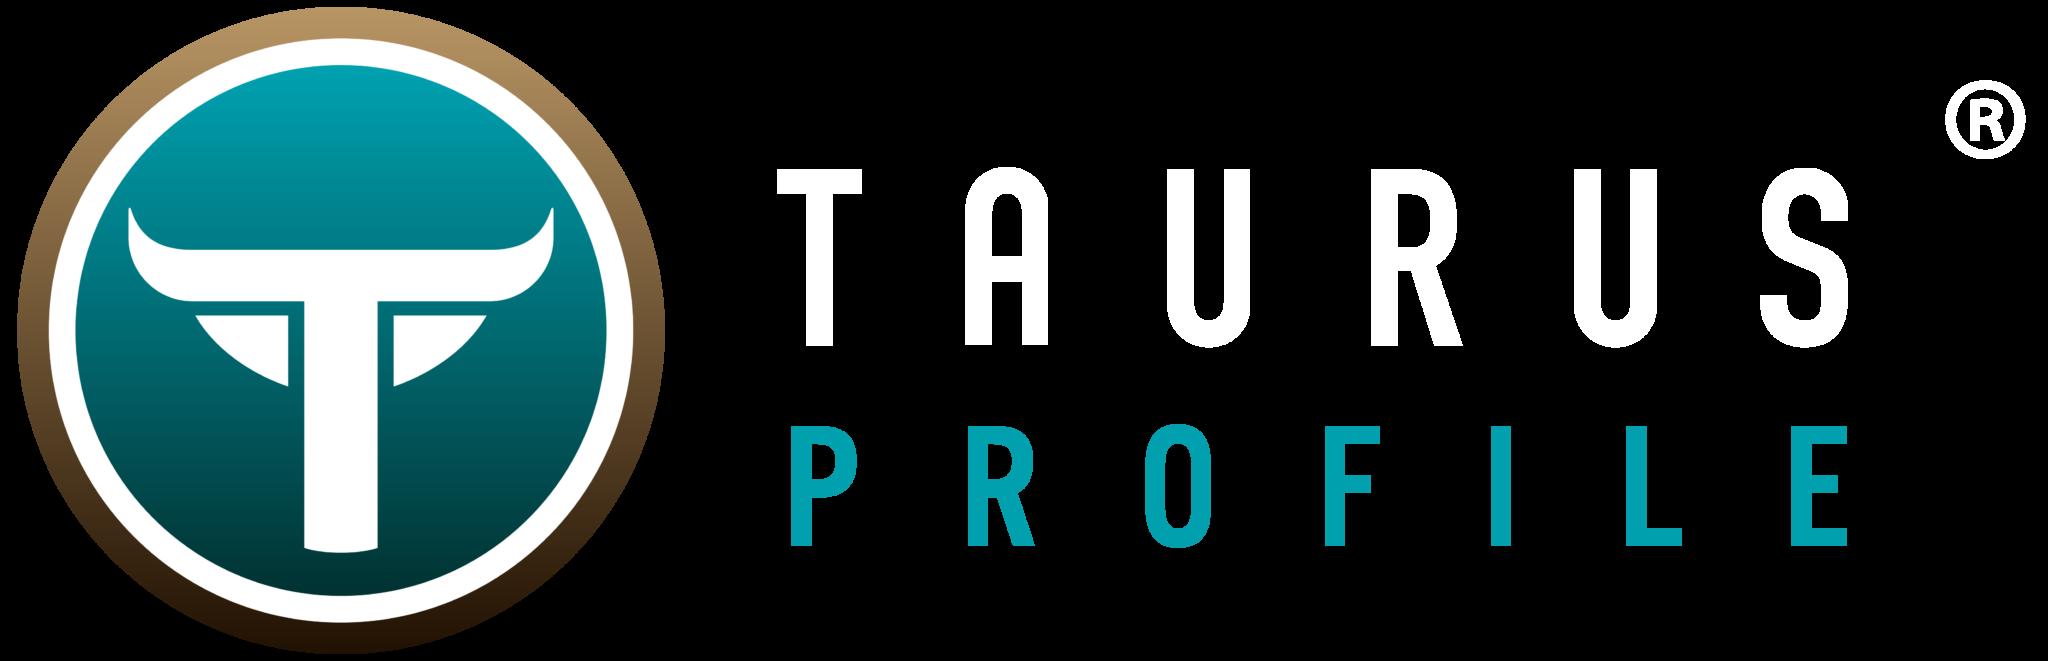 TaurusProfile Horiztonal White